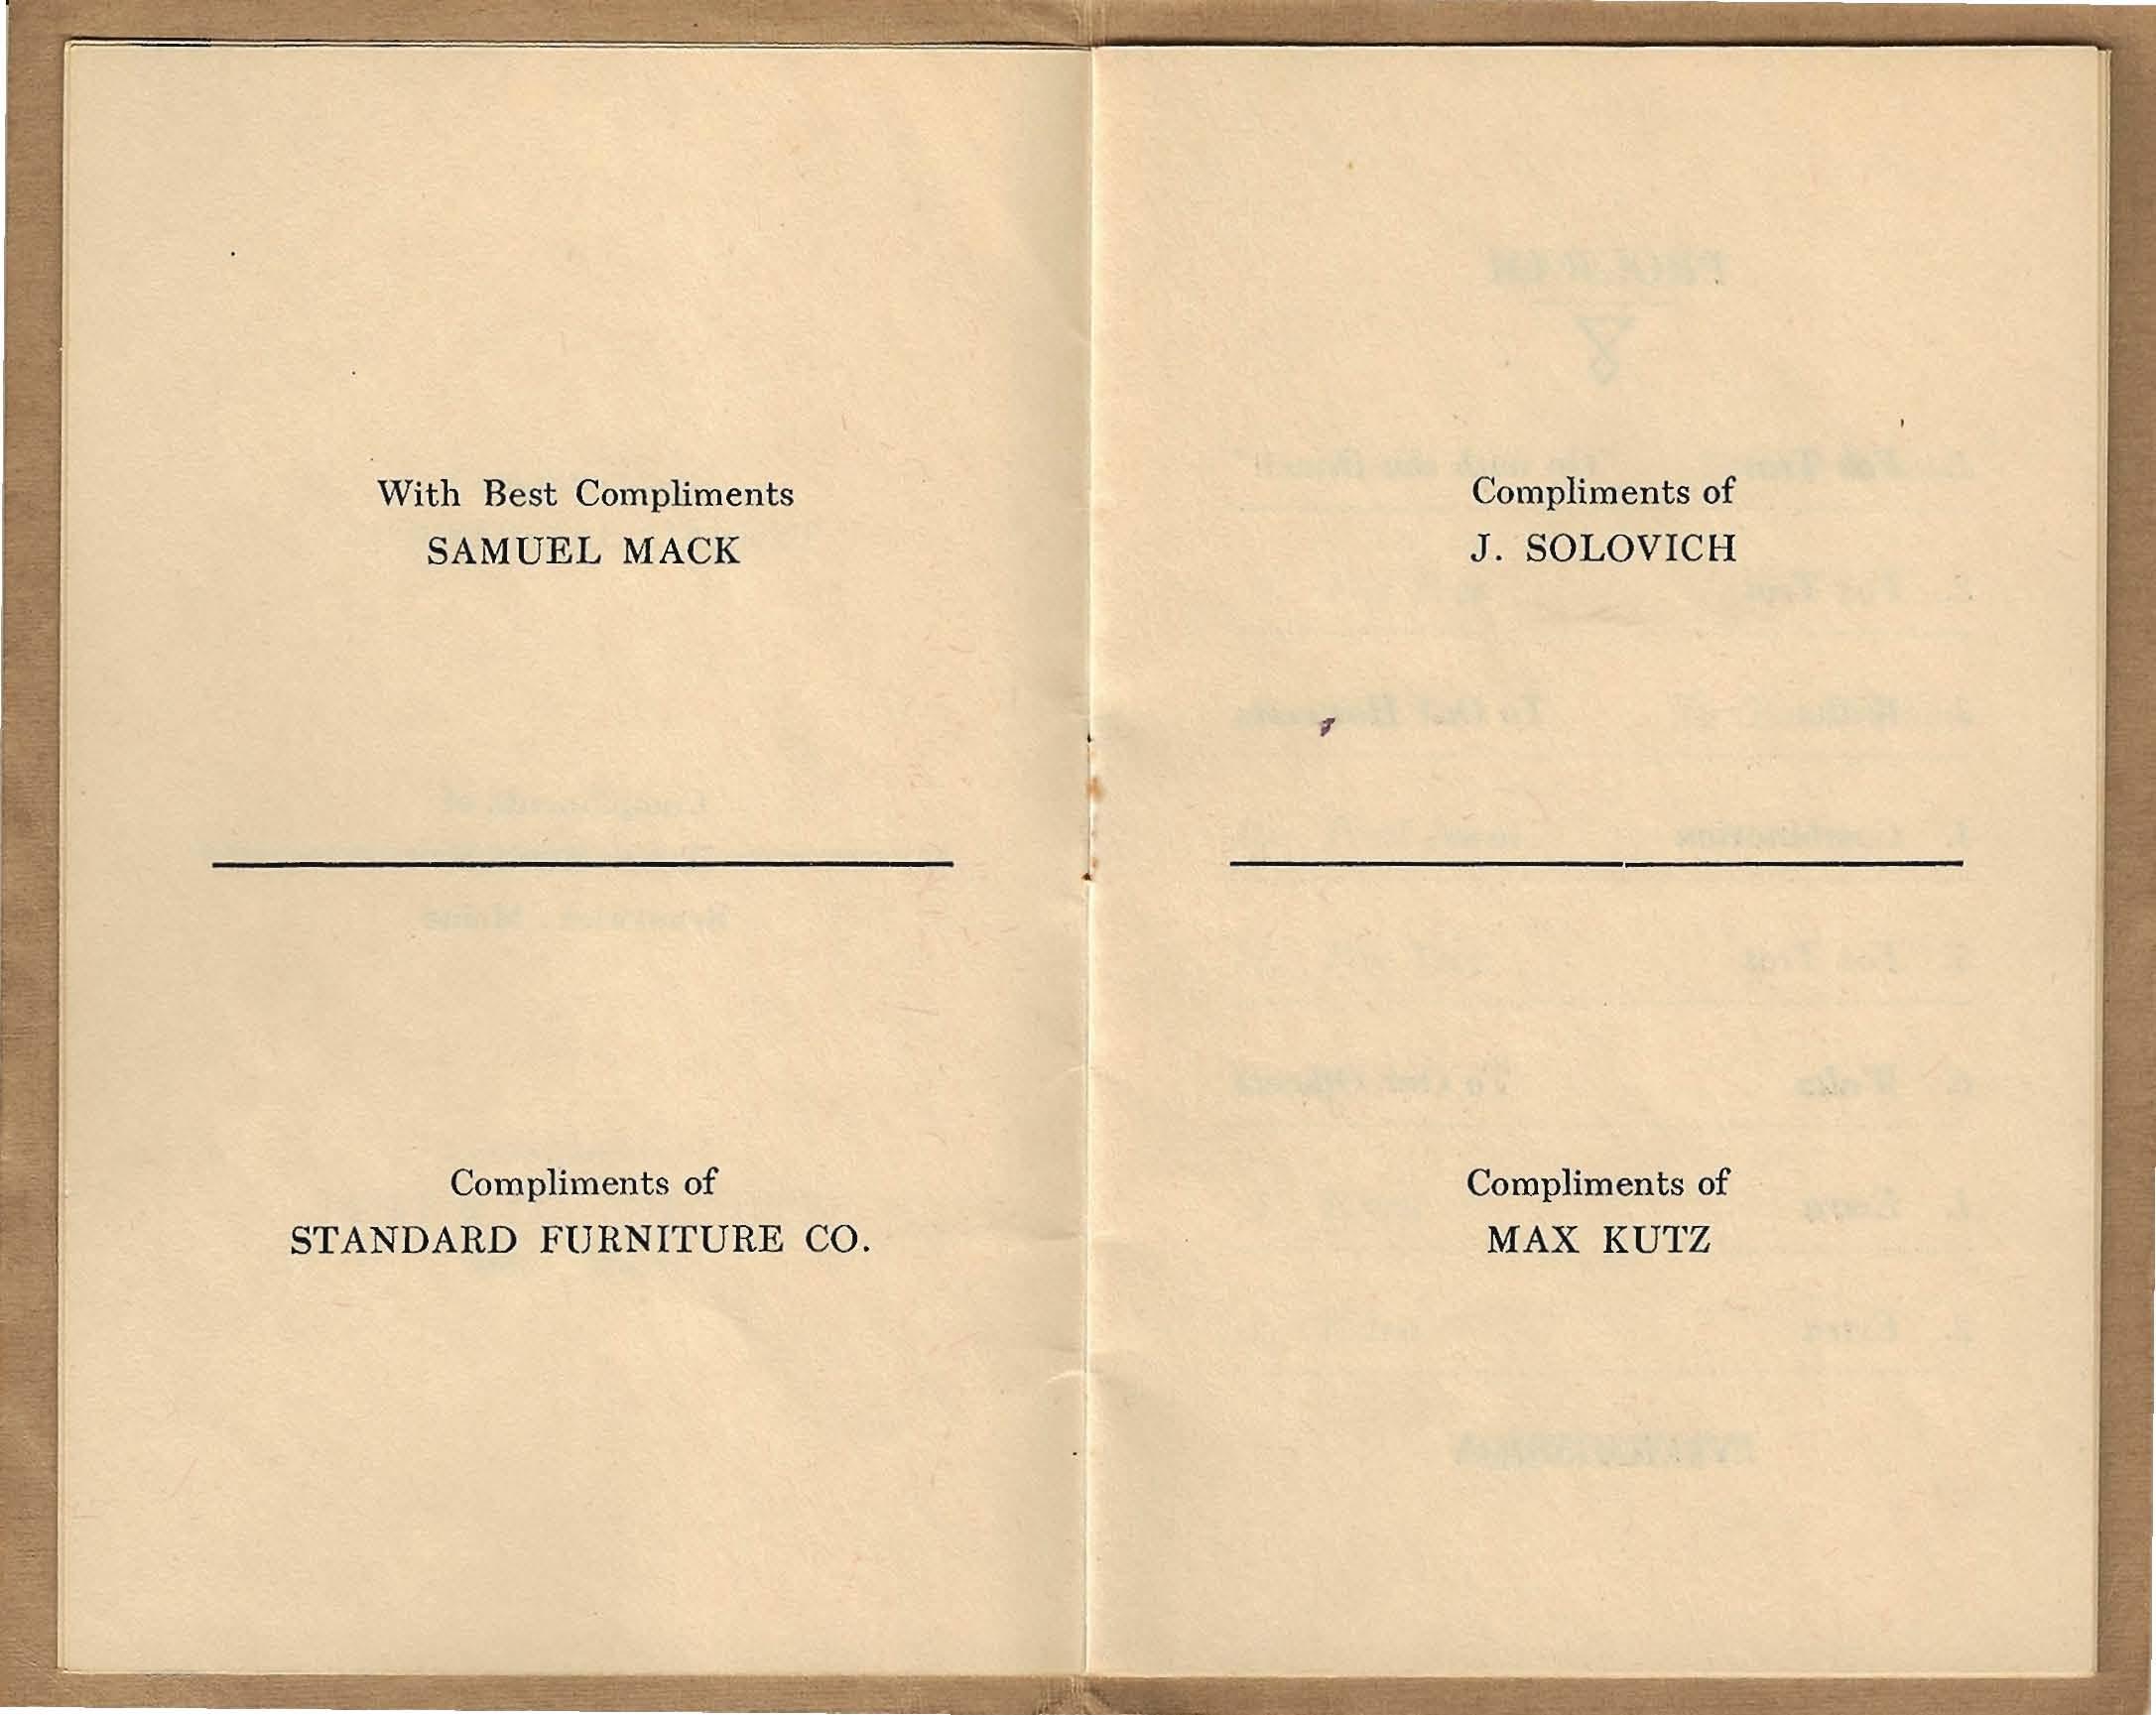 YWHA Third Annual Ball (1922)_Page_4.jpg